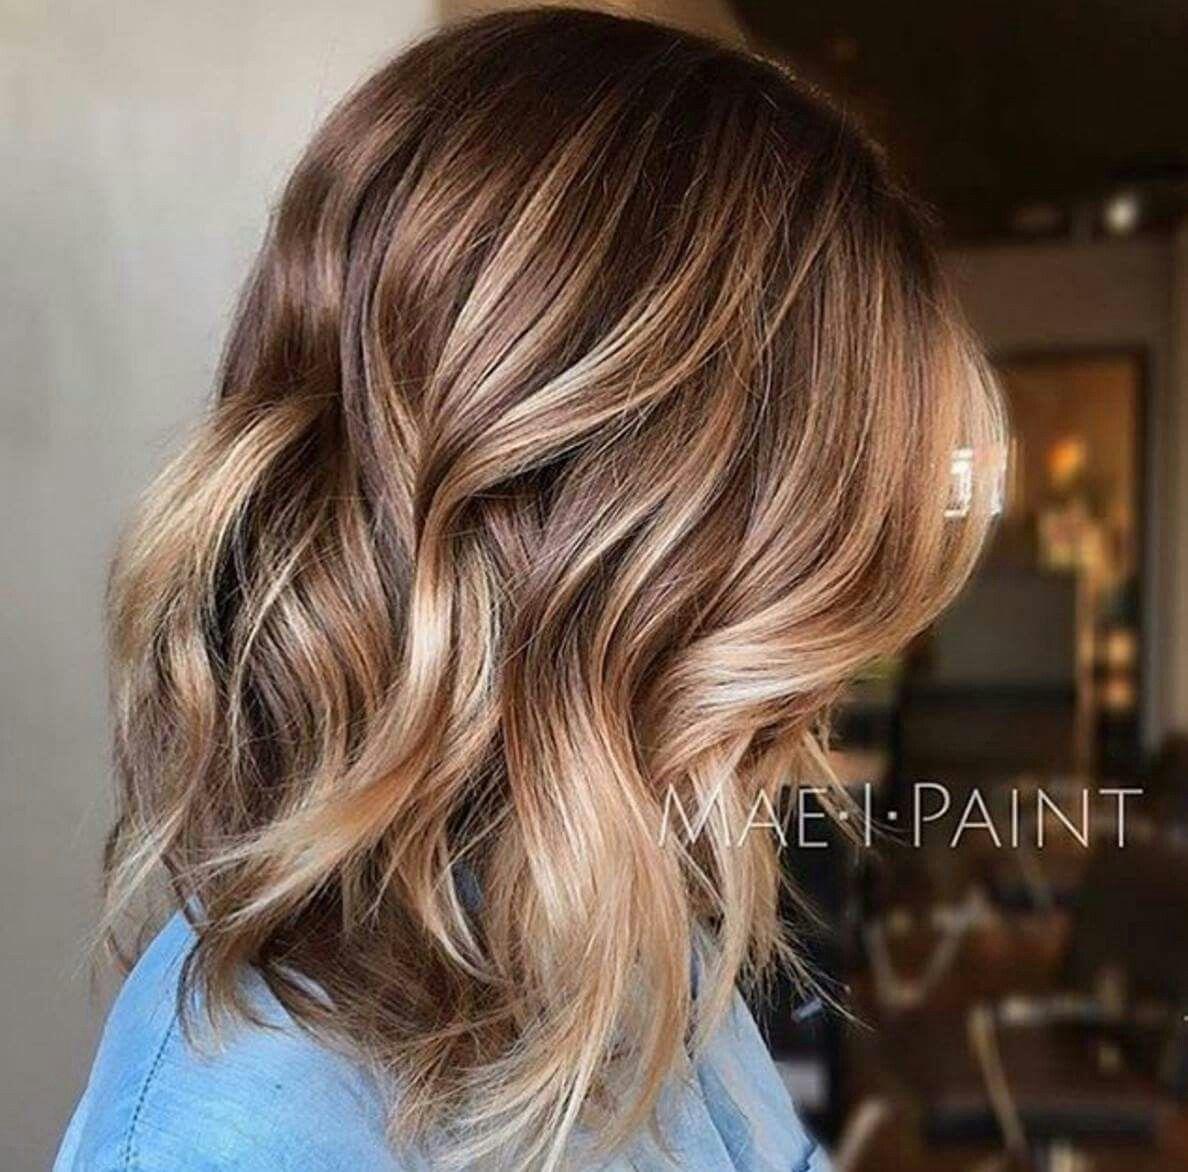 Pin by alexa sciarra on hair ideas pinterest hair coloring hair